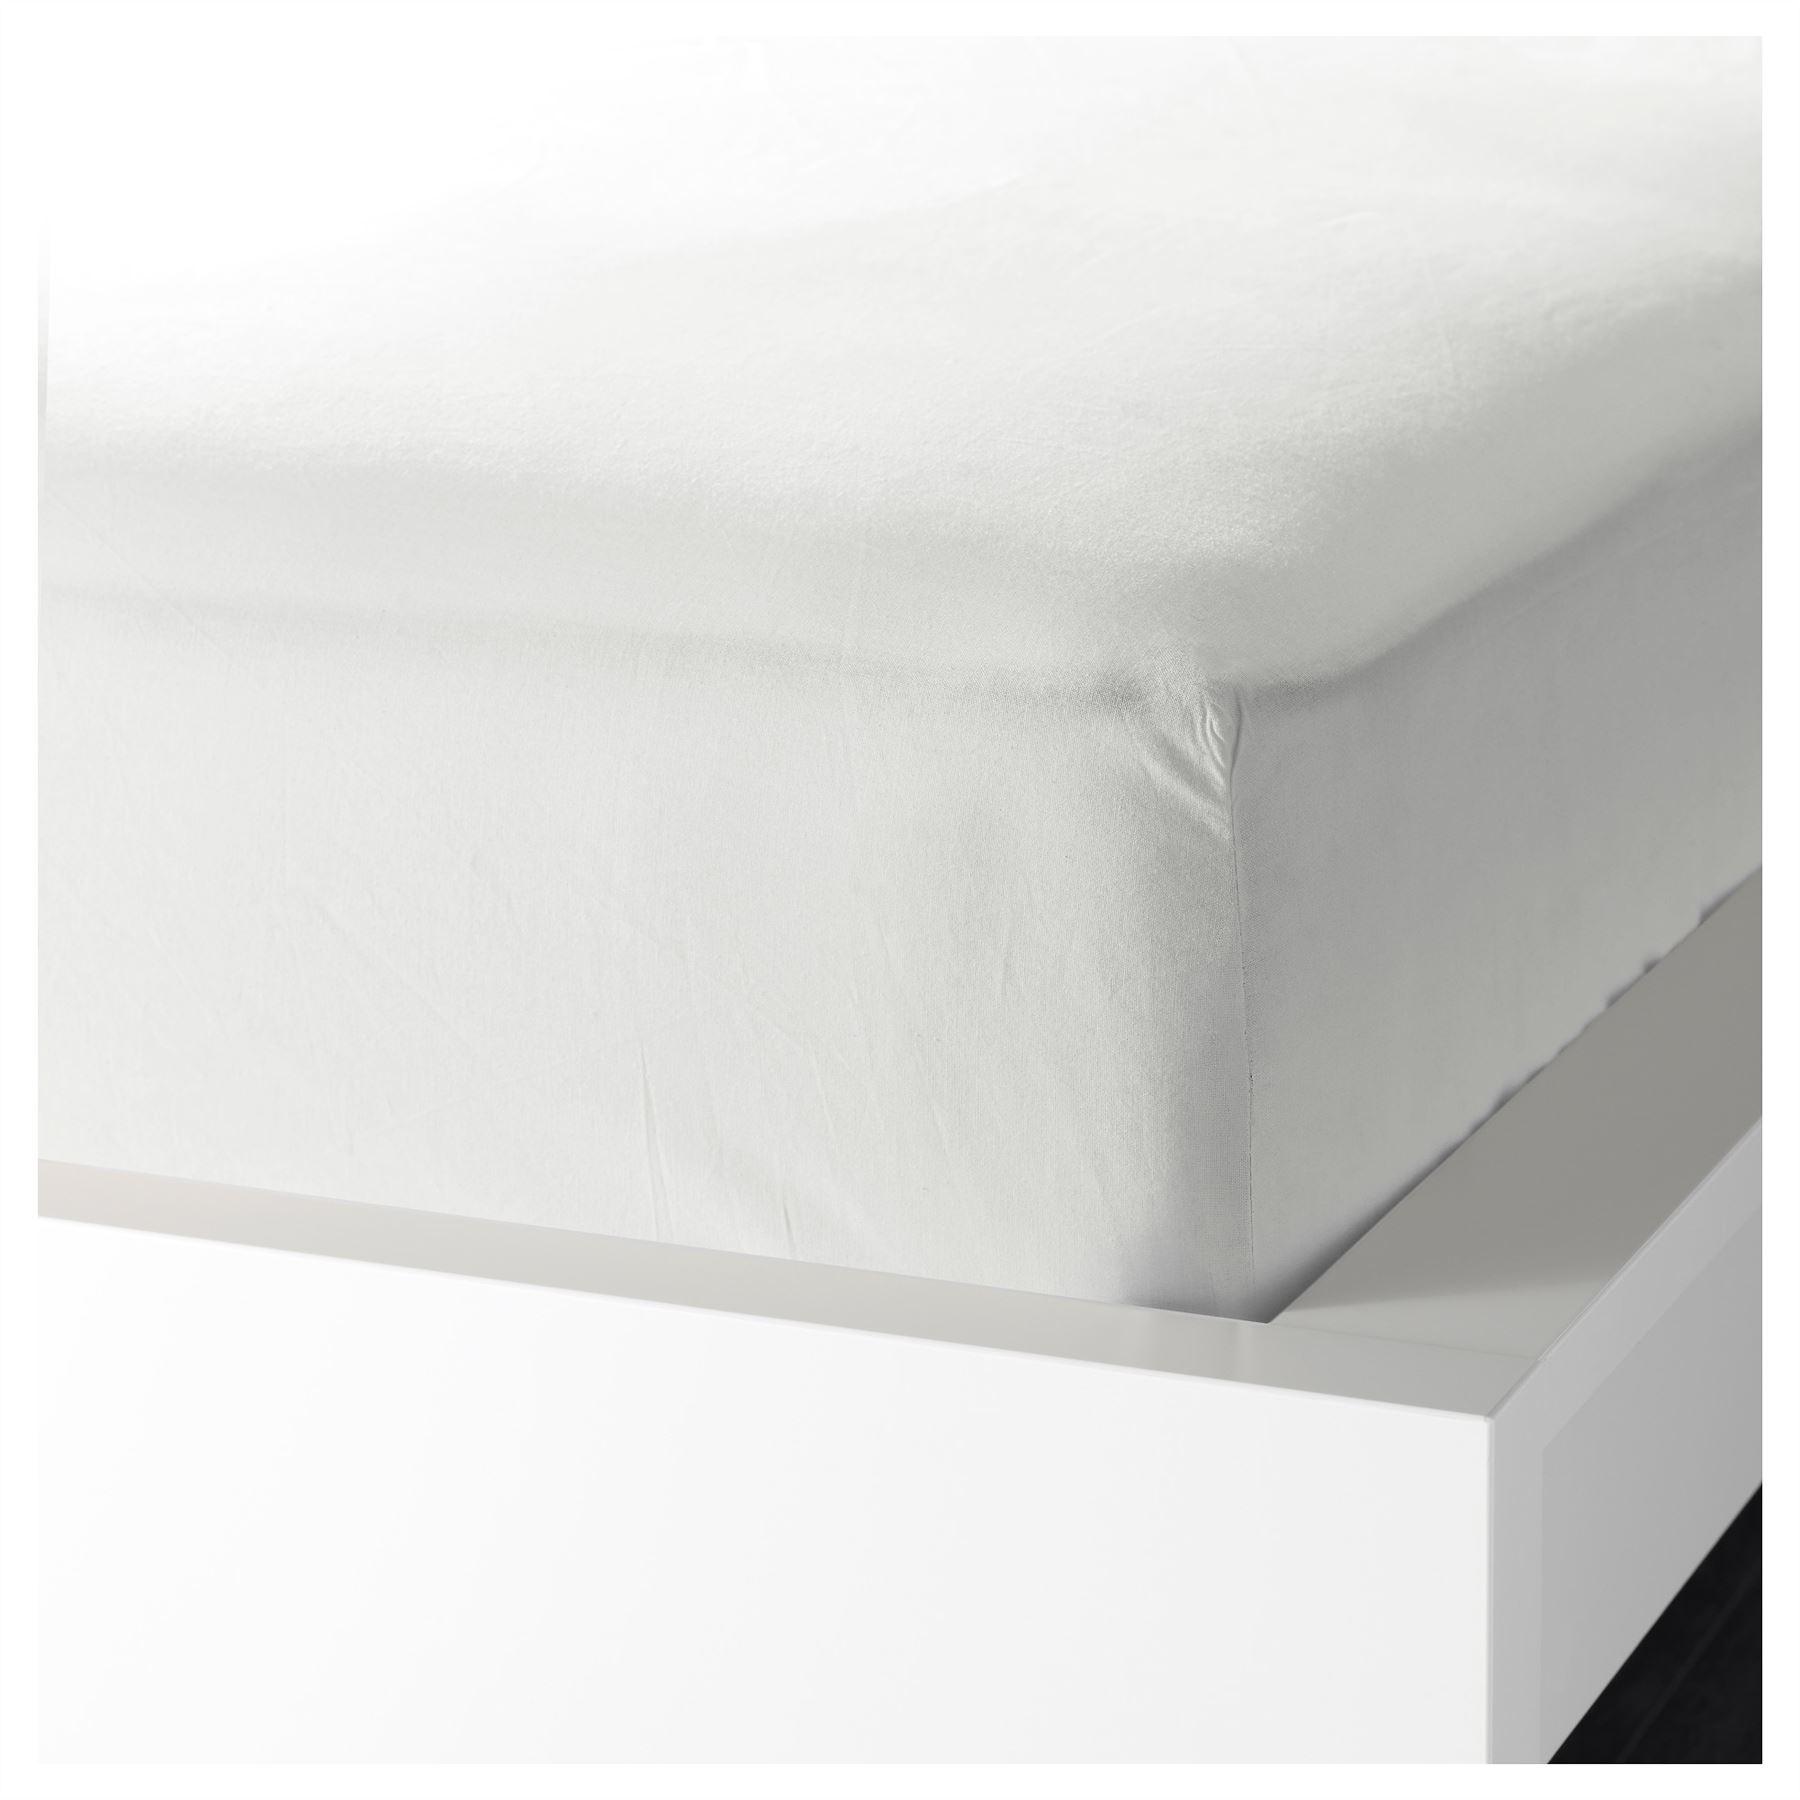 Quahog Bay Bedding | CinchFit Sheets, Nautical Decor and BeddingCustom Fit· Super Soft· Memory Foam/10 (93 reviews).